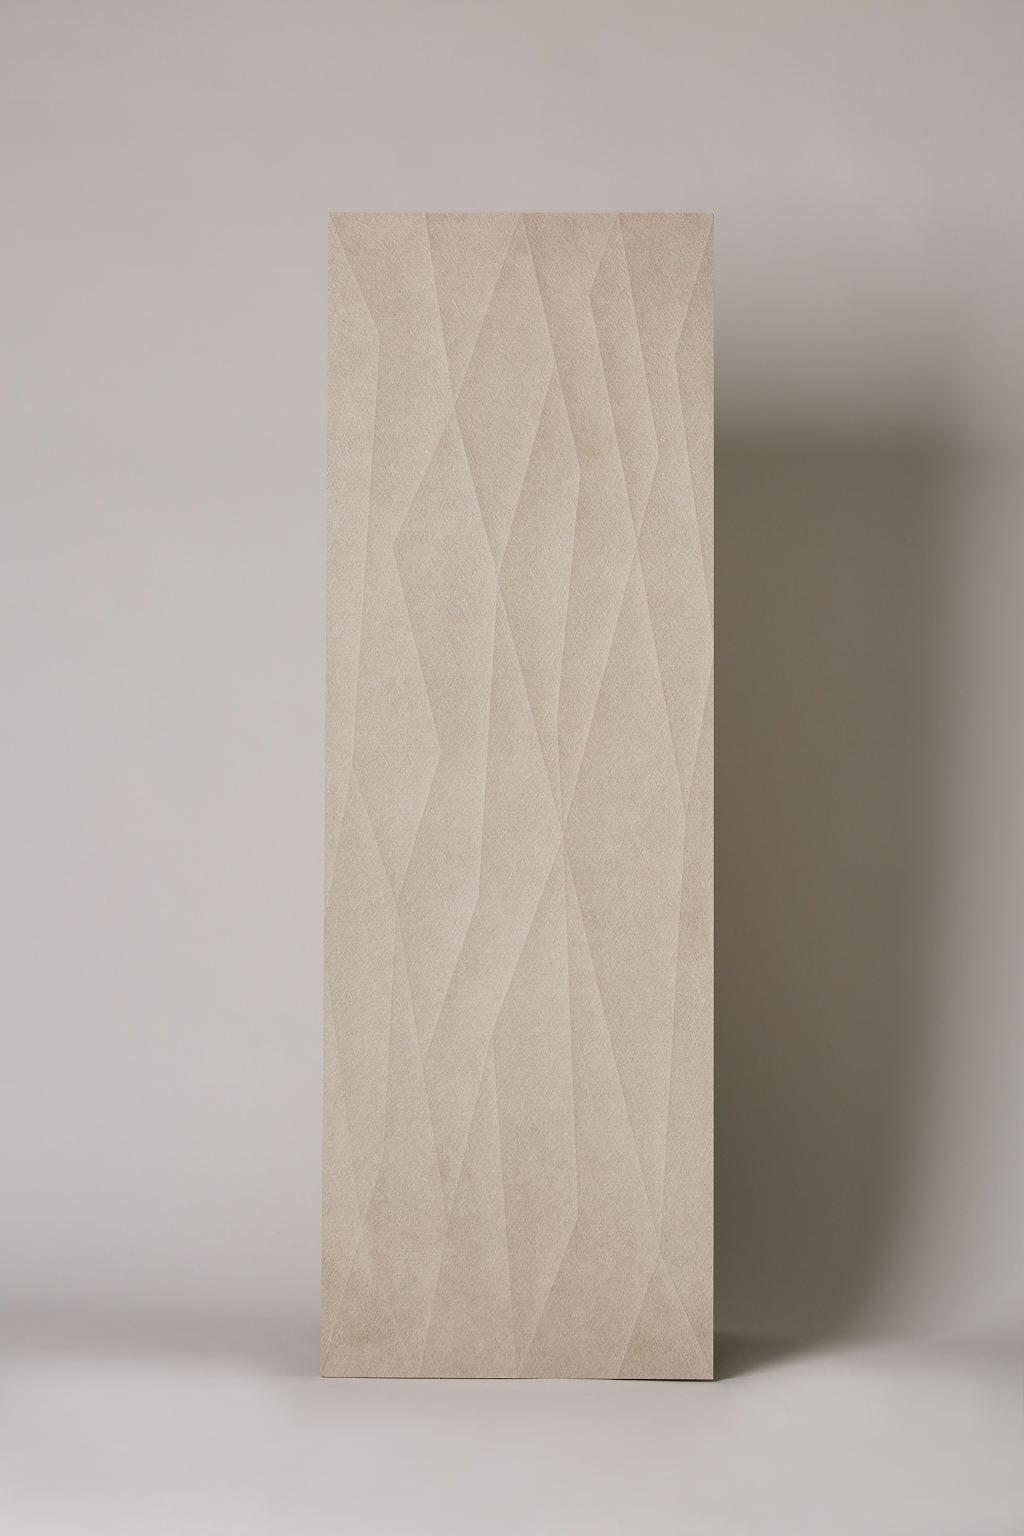 Płytka hiszpańska, gresowa, dekoracyjna, rektyfikowana ścienna, matowa, rozmiar 40x120cm - APE Click dakar net